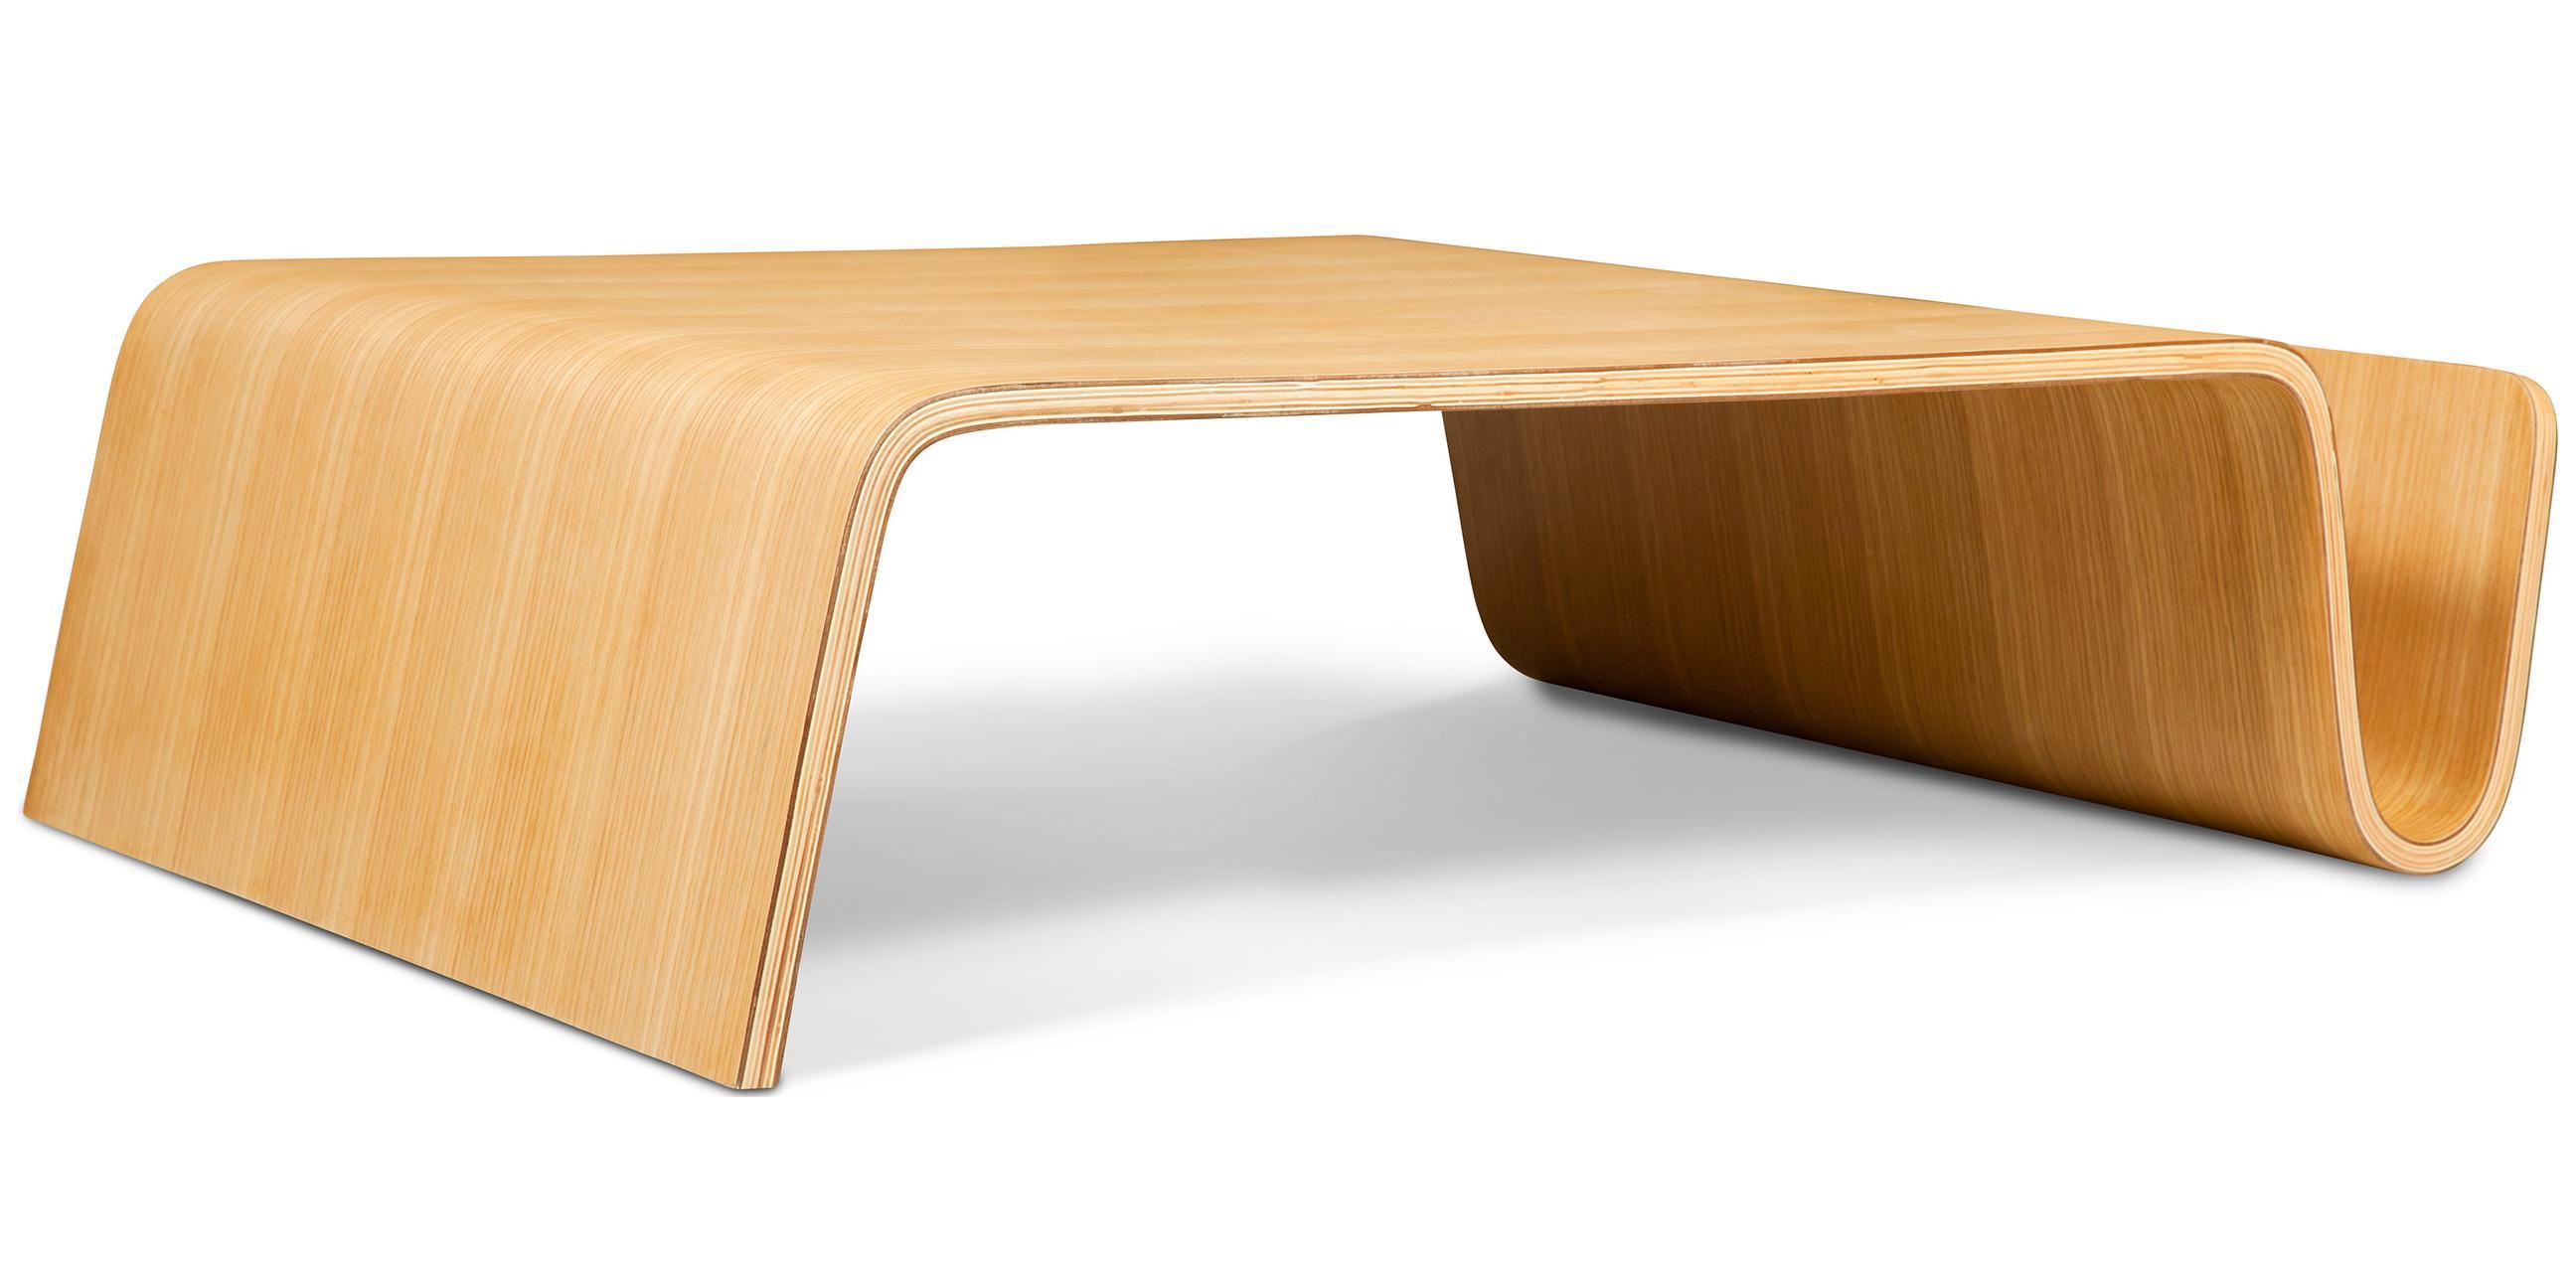 table basse porte magazines bois naturel 81 cm. Black Bedroom Furniture Sets. Home Design Ideas